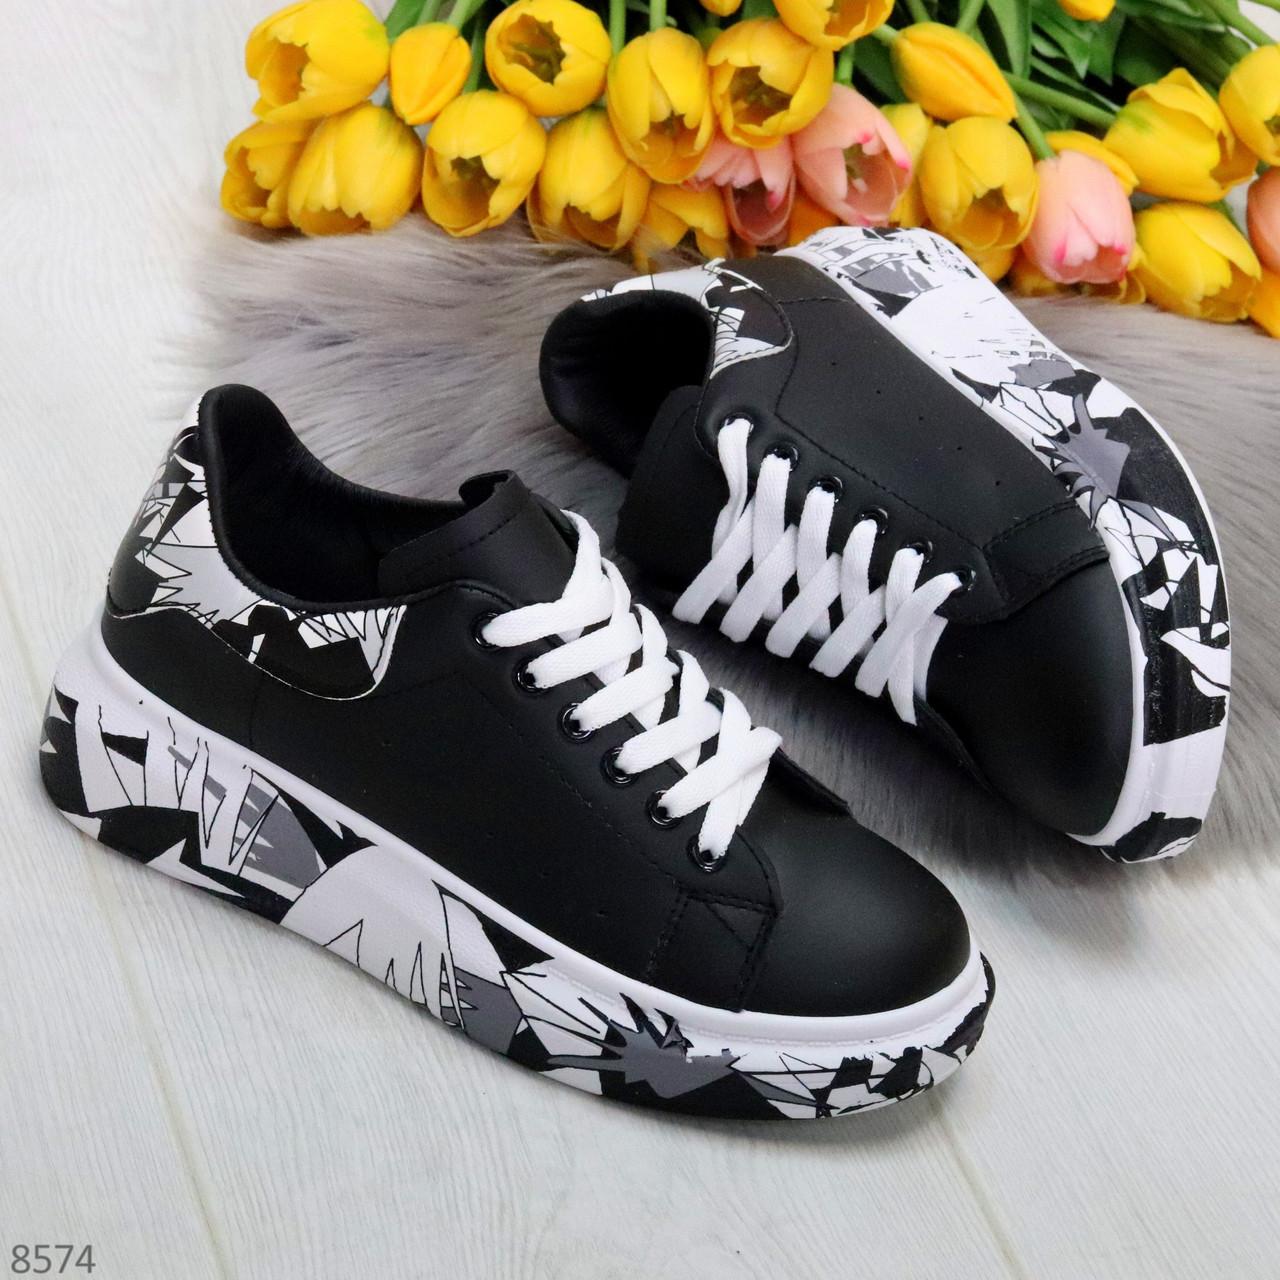 Модельные трендовые черные женские кроссовки кеды крипперы в стиле гранж